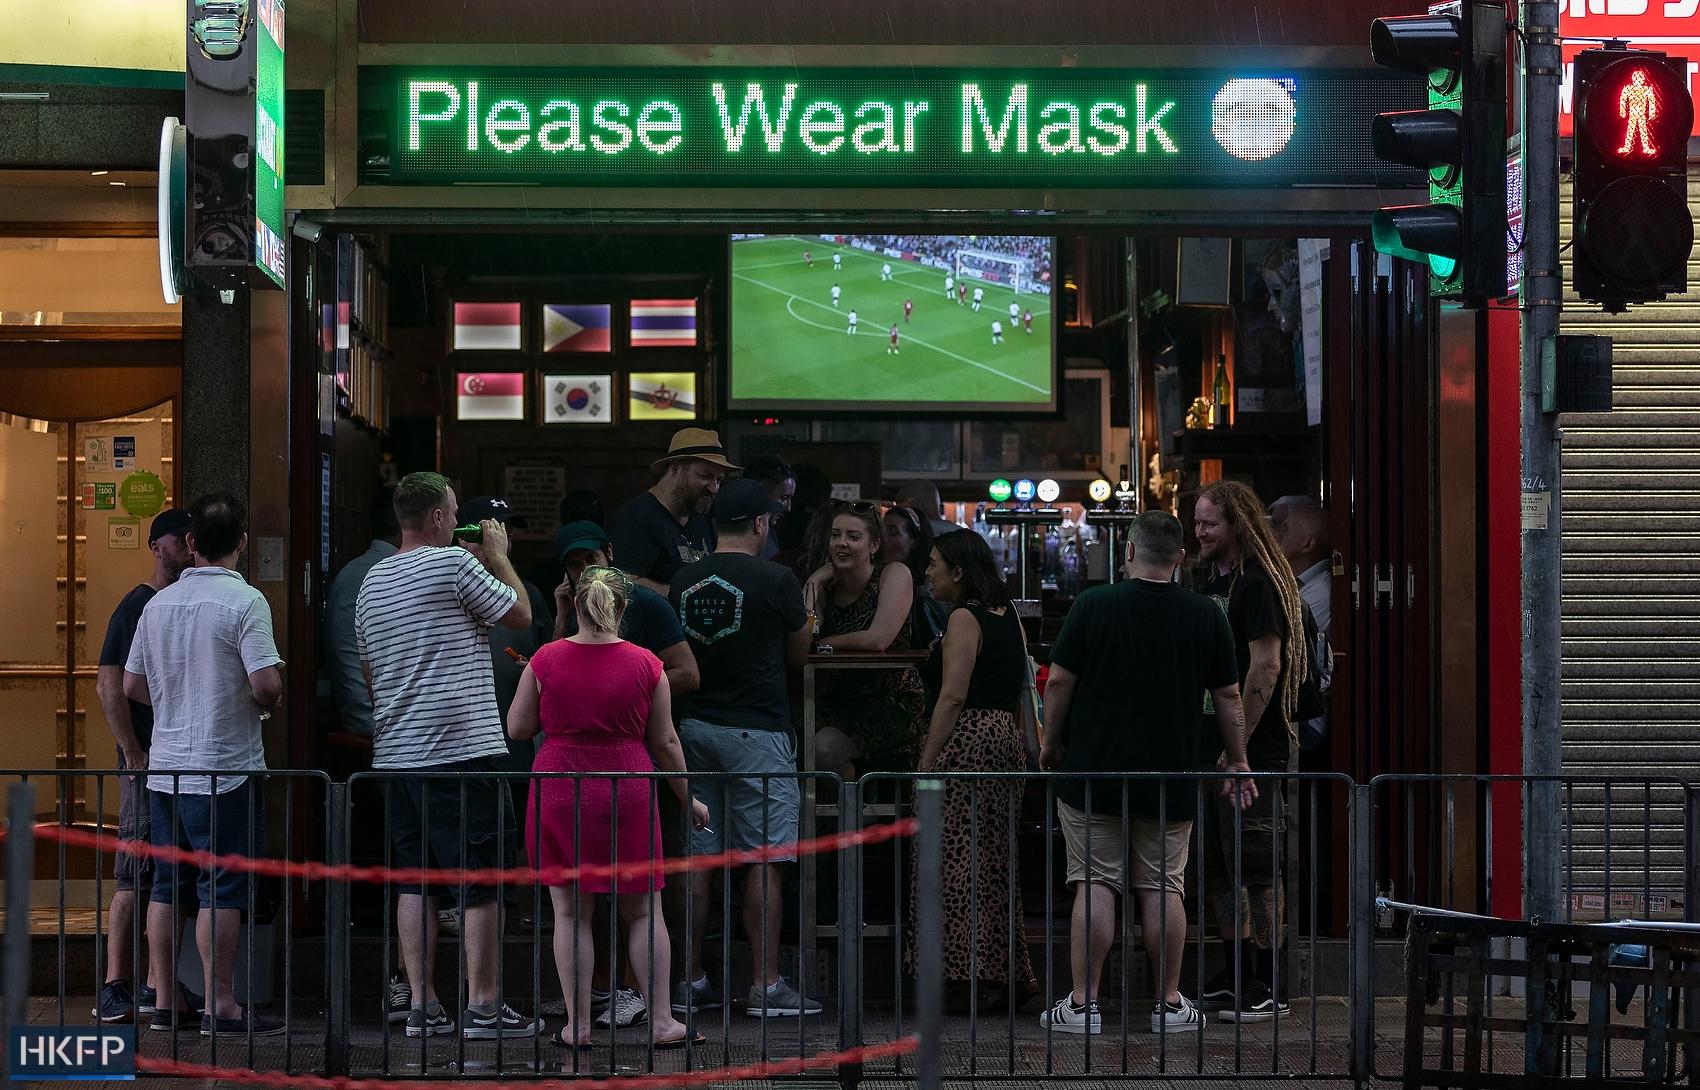 bar please wear mask sign coronavirus covid masks